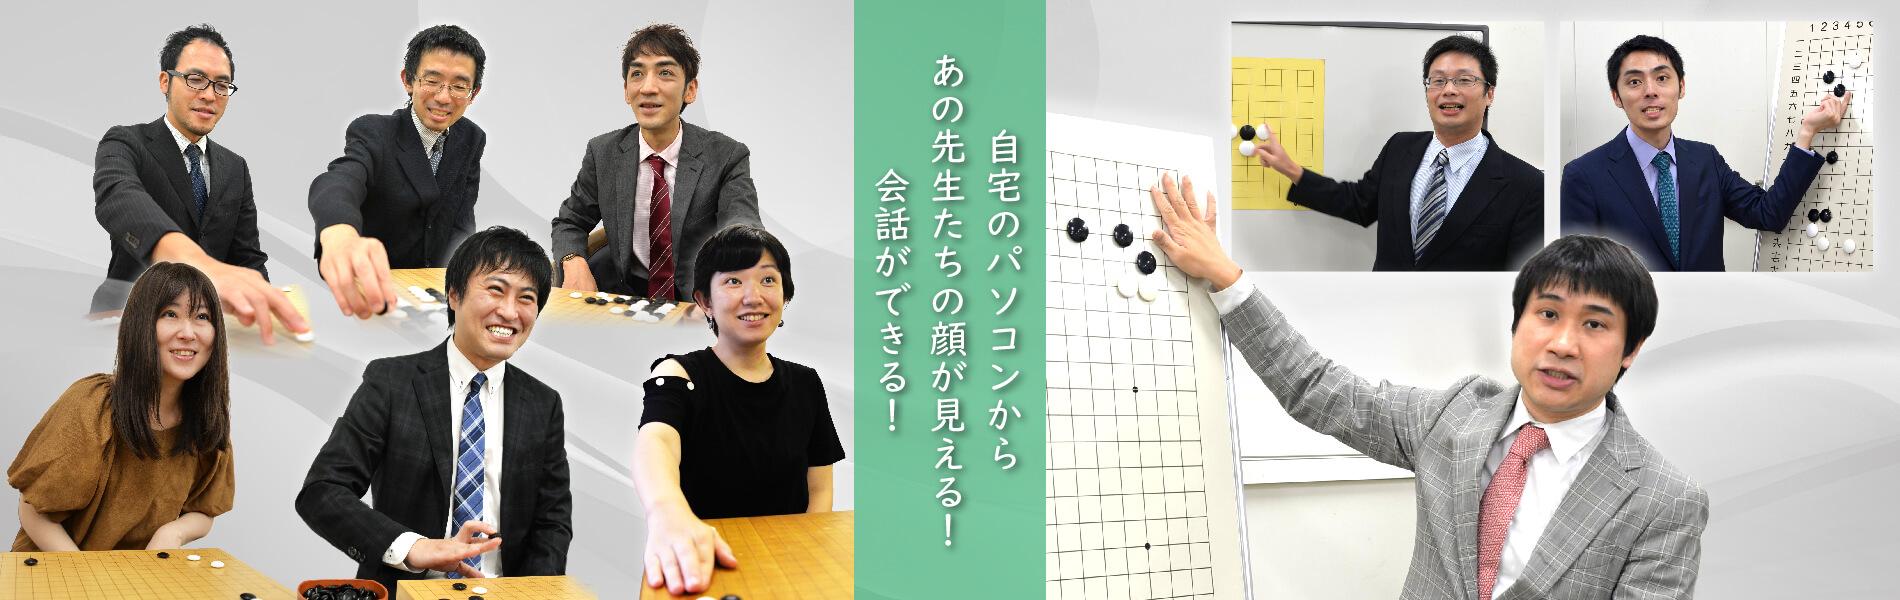 友の輪オンライン囲碁スクール